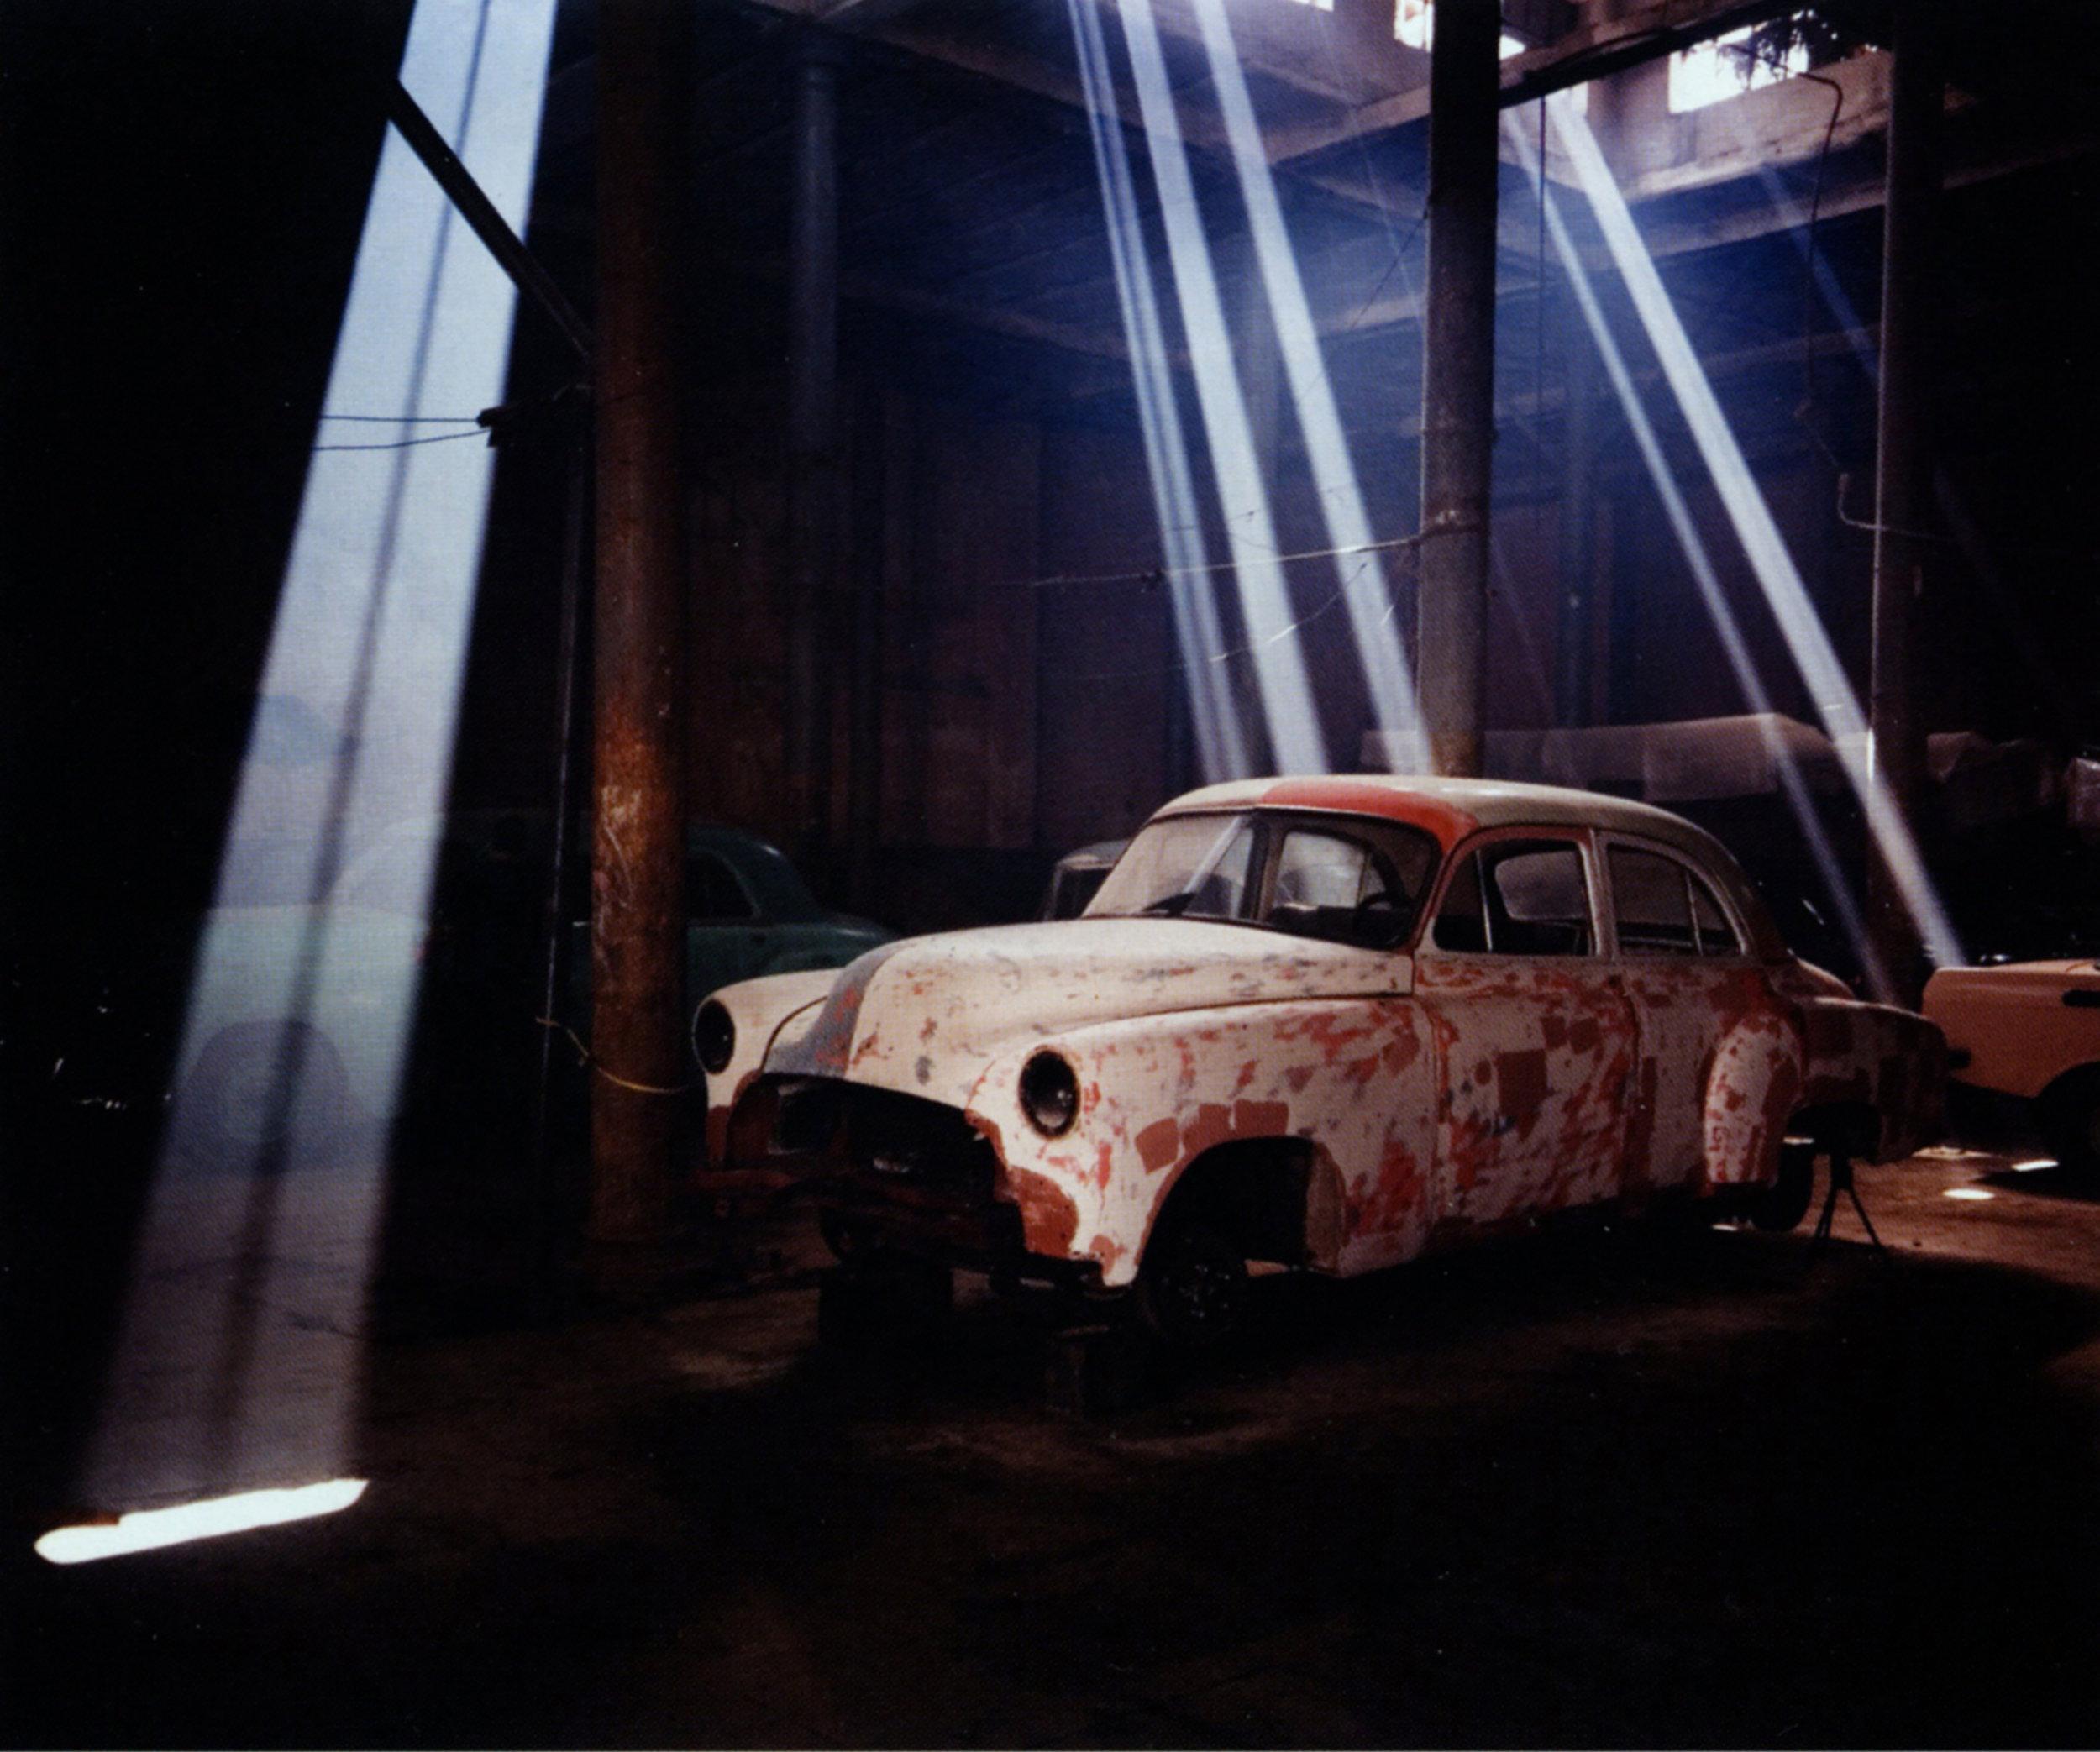 Nell CAMPBELL   Chevy in Garage at Teniente Rey y Cuba, Havana   2002